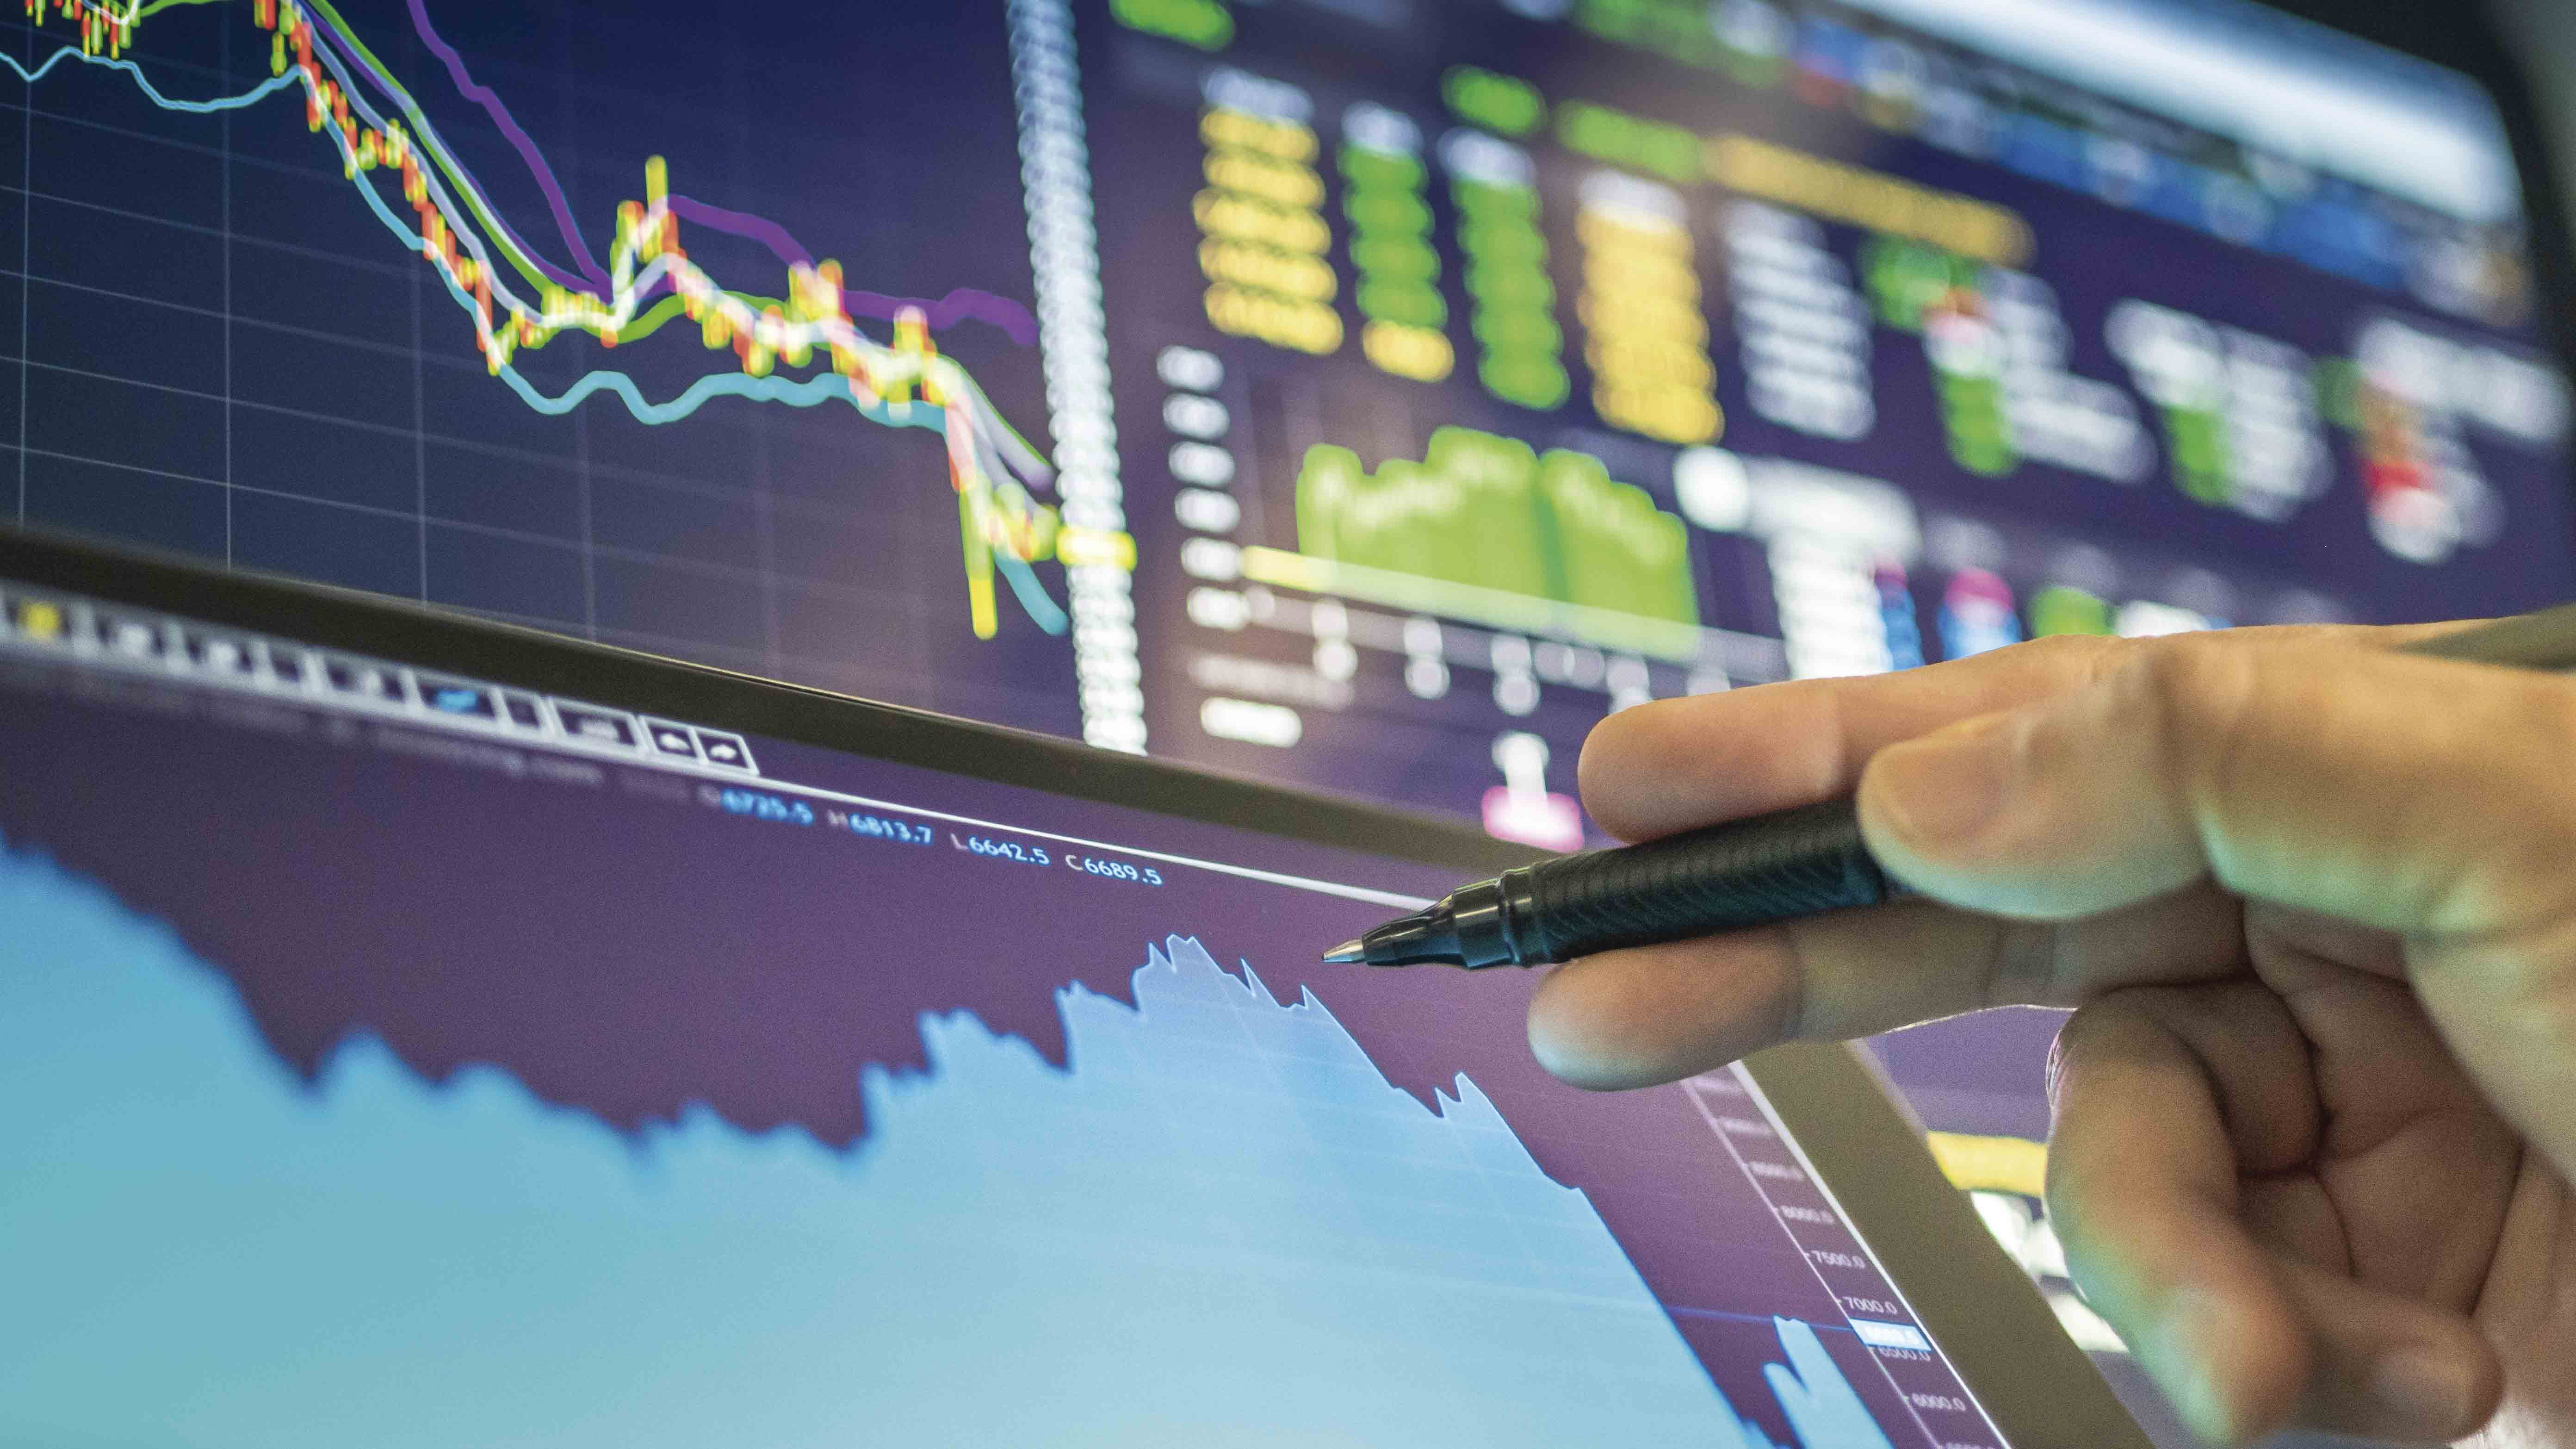 proyecto-de-norma-sobre-innovaciones-financieras-impulsara-alianzas-entre-fintech-y-bancos